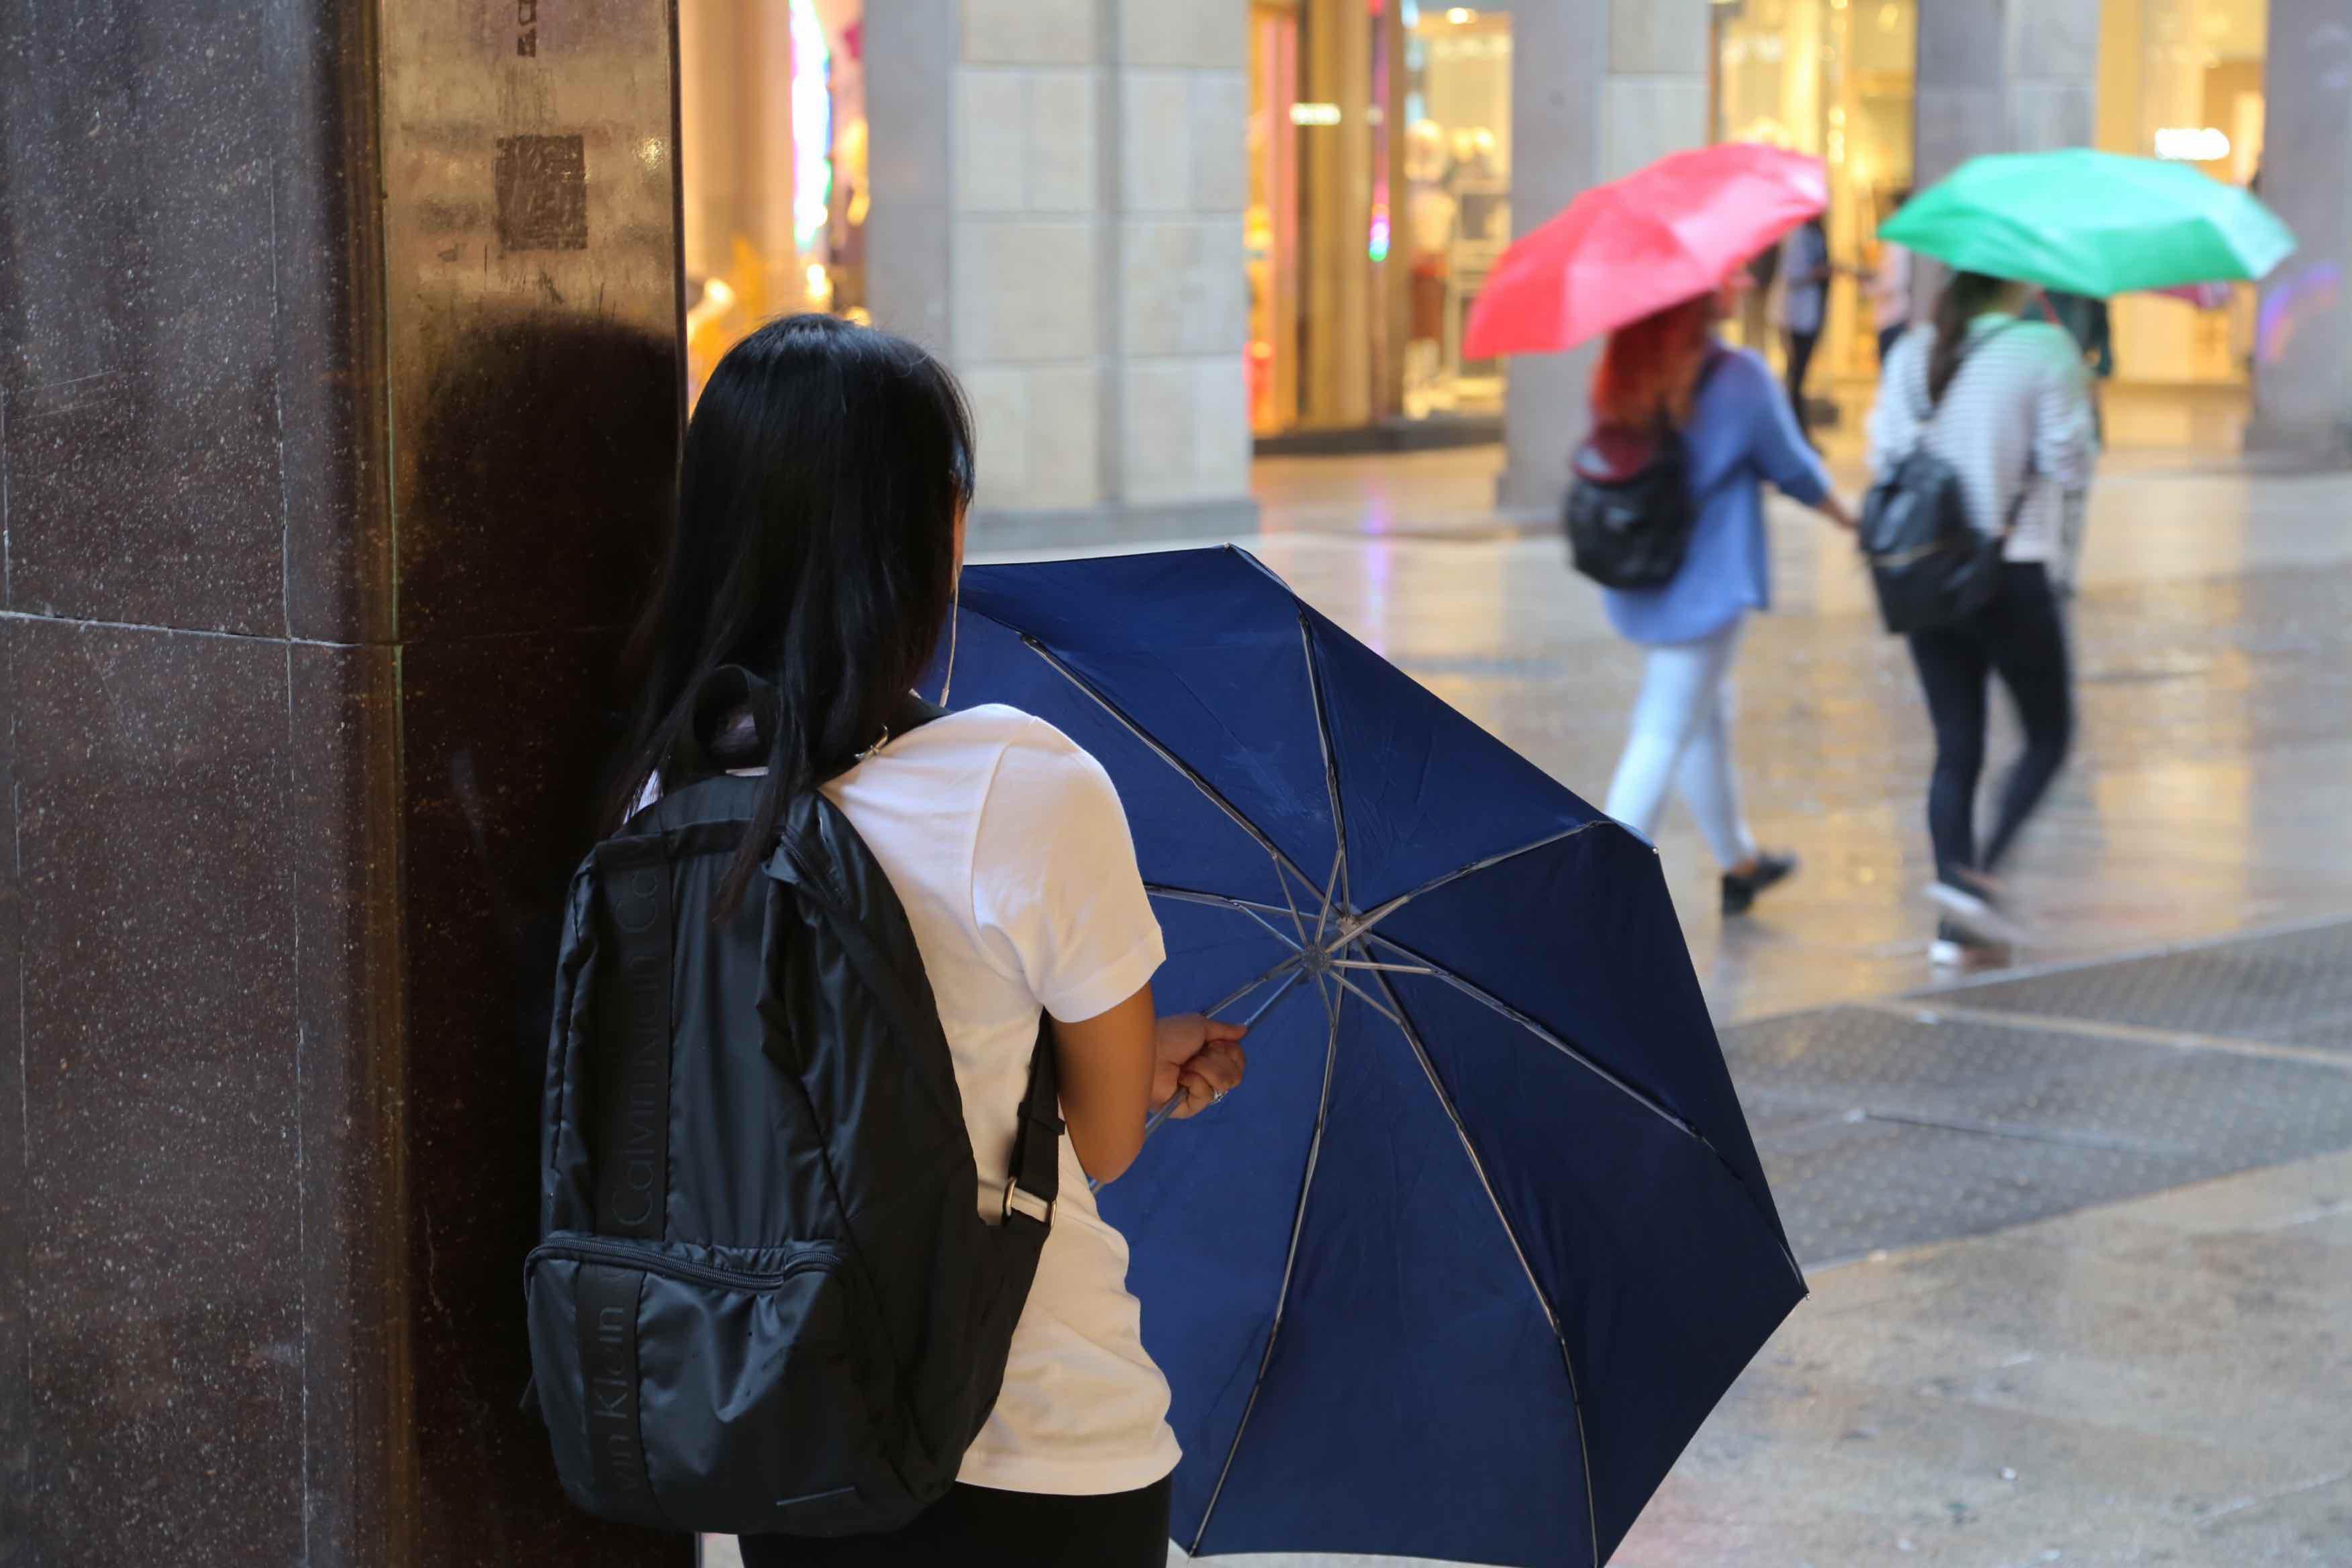 Il consiglio per il weekend? Aprite l'ombrello